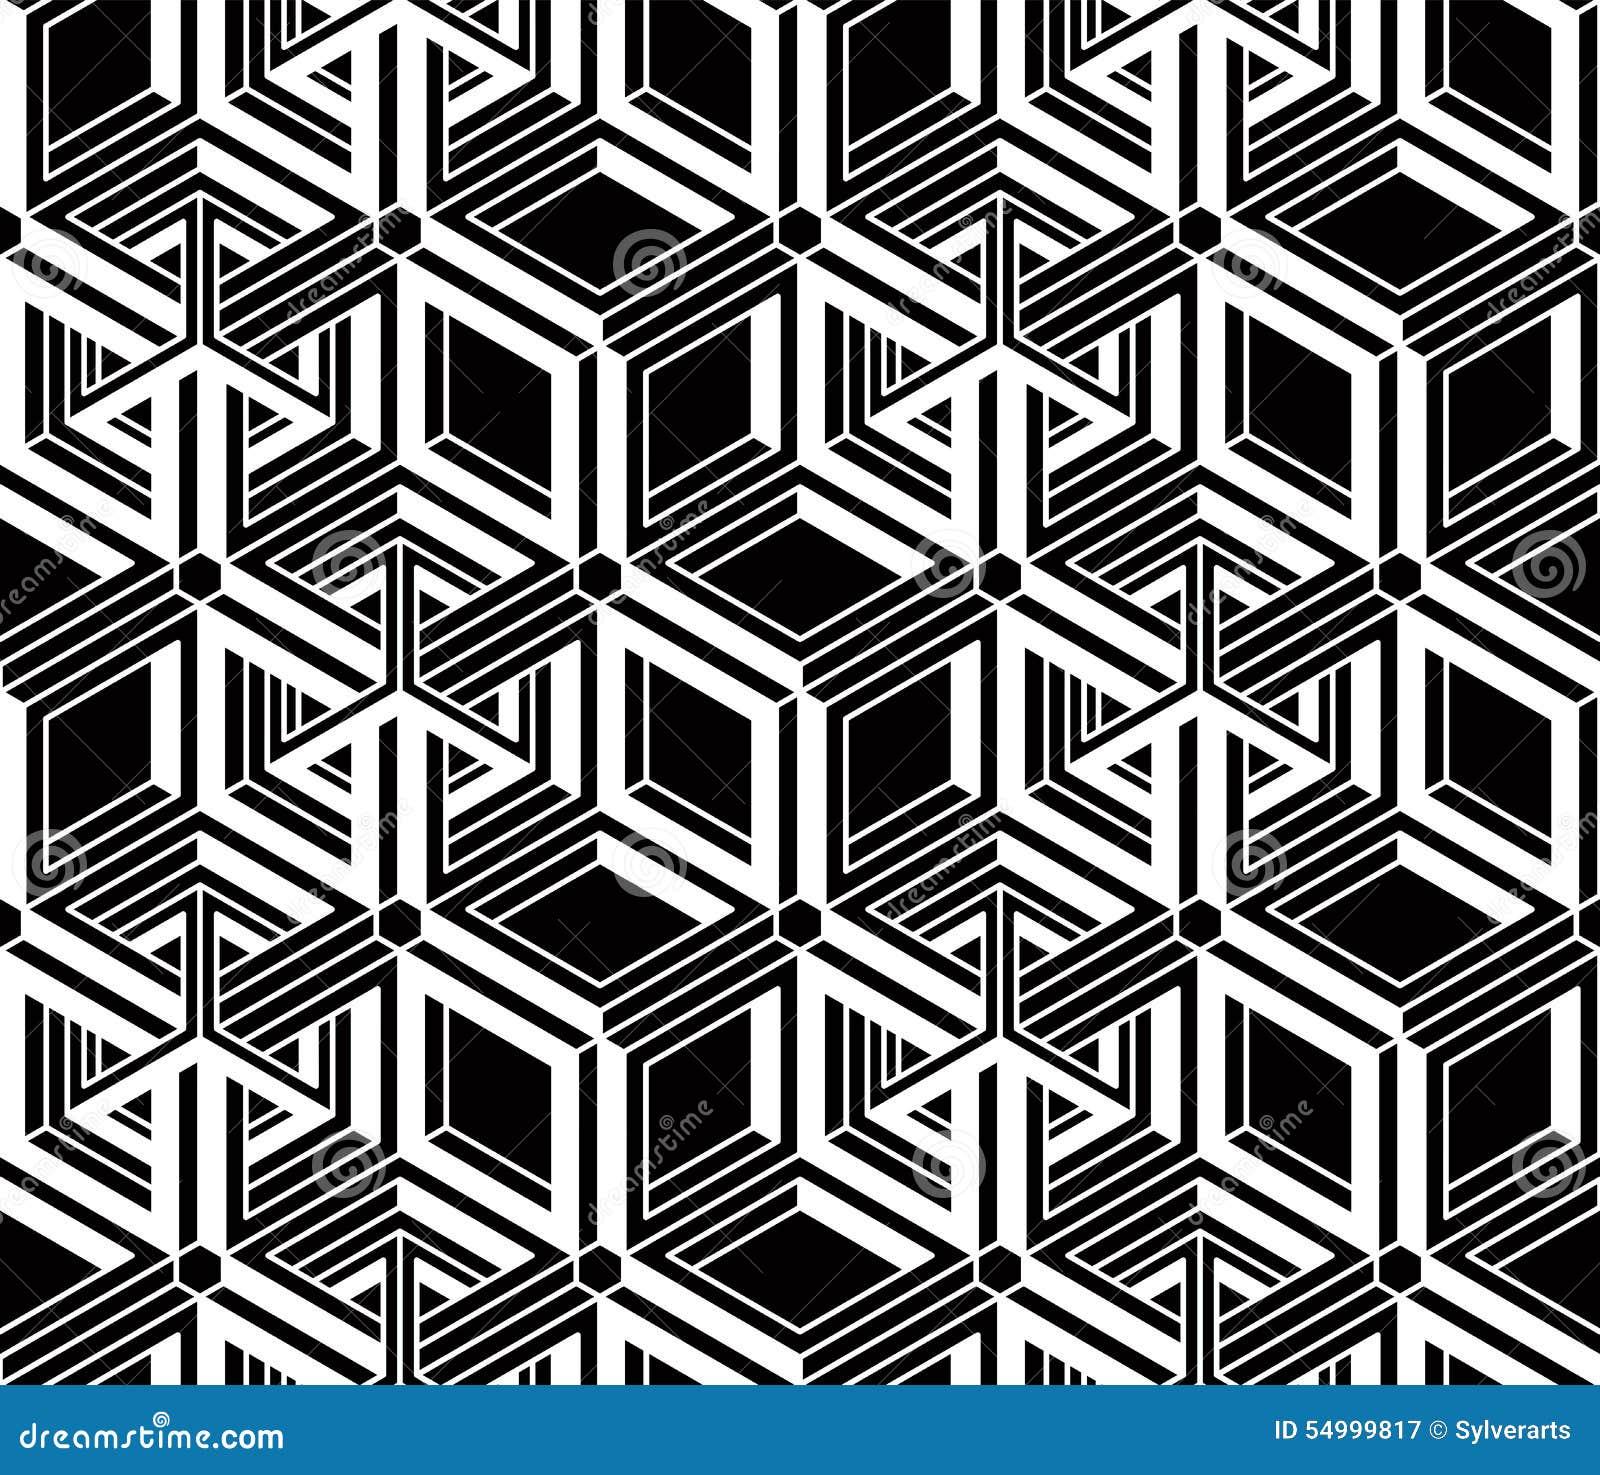 illusive continuous monochrome pattern decorative